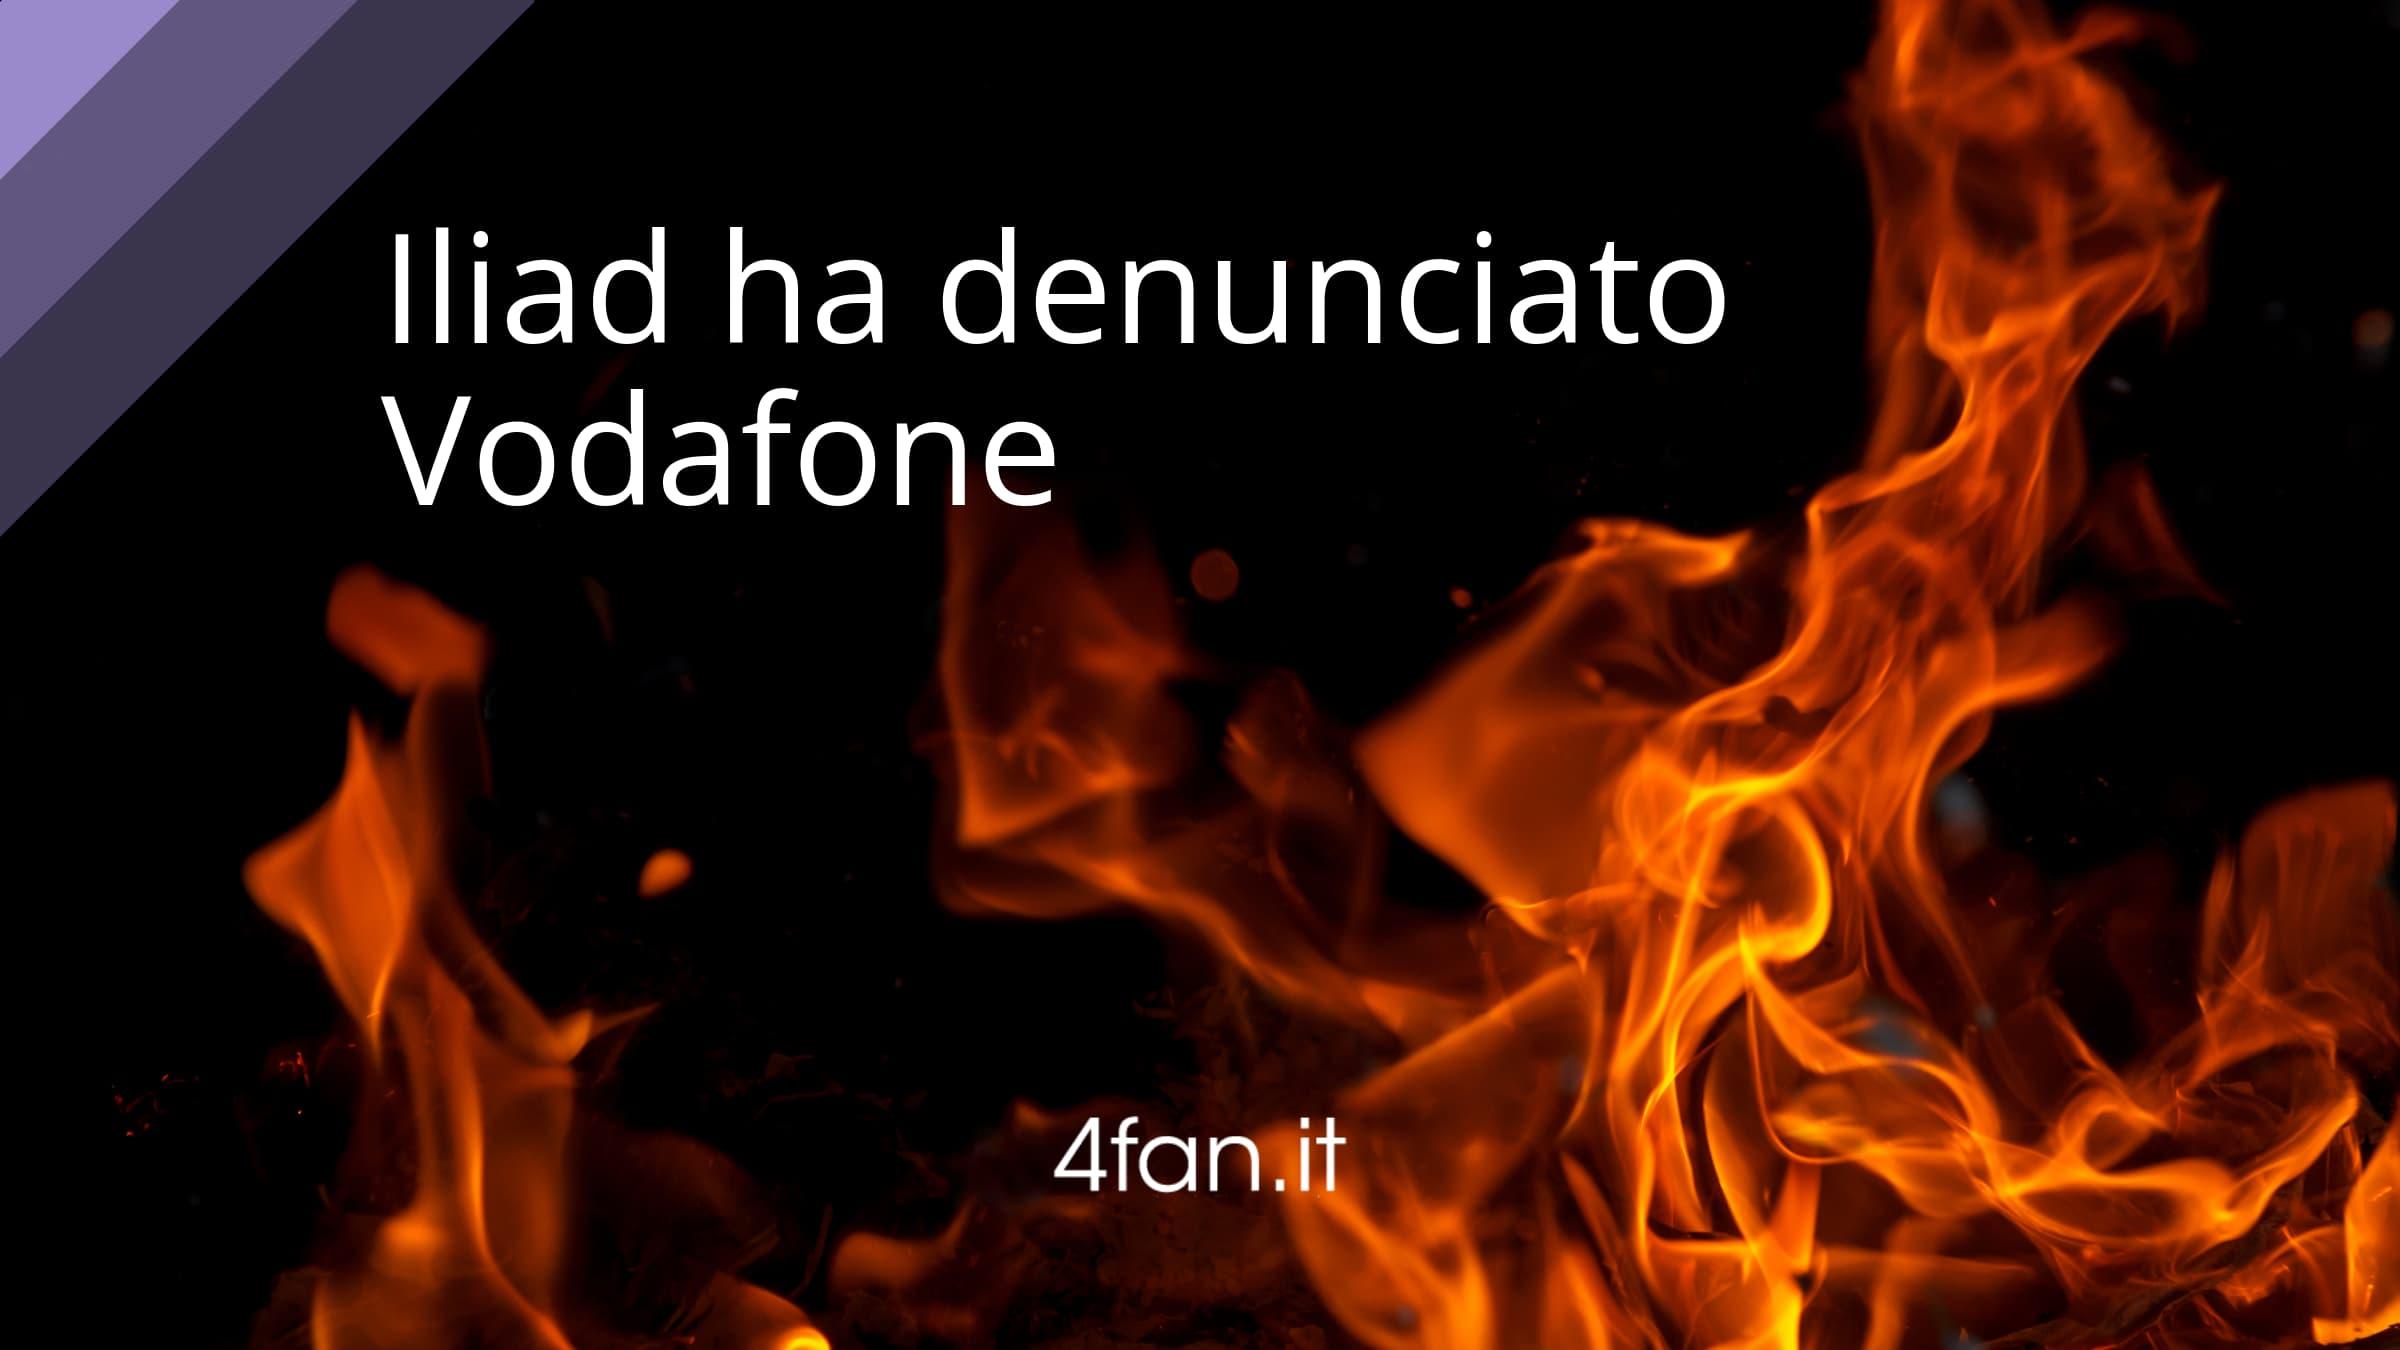 Iliad ha denunciato Vodafone